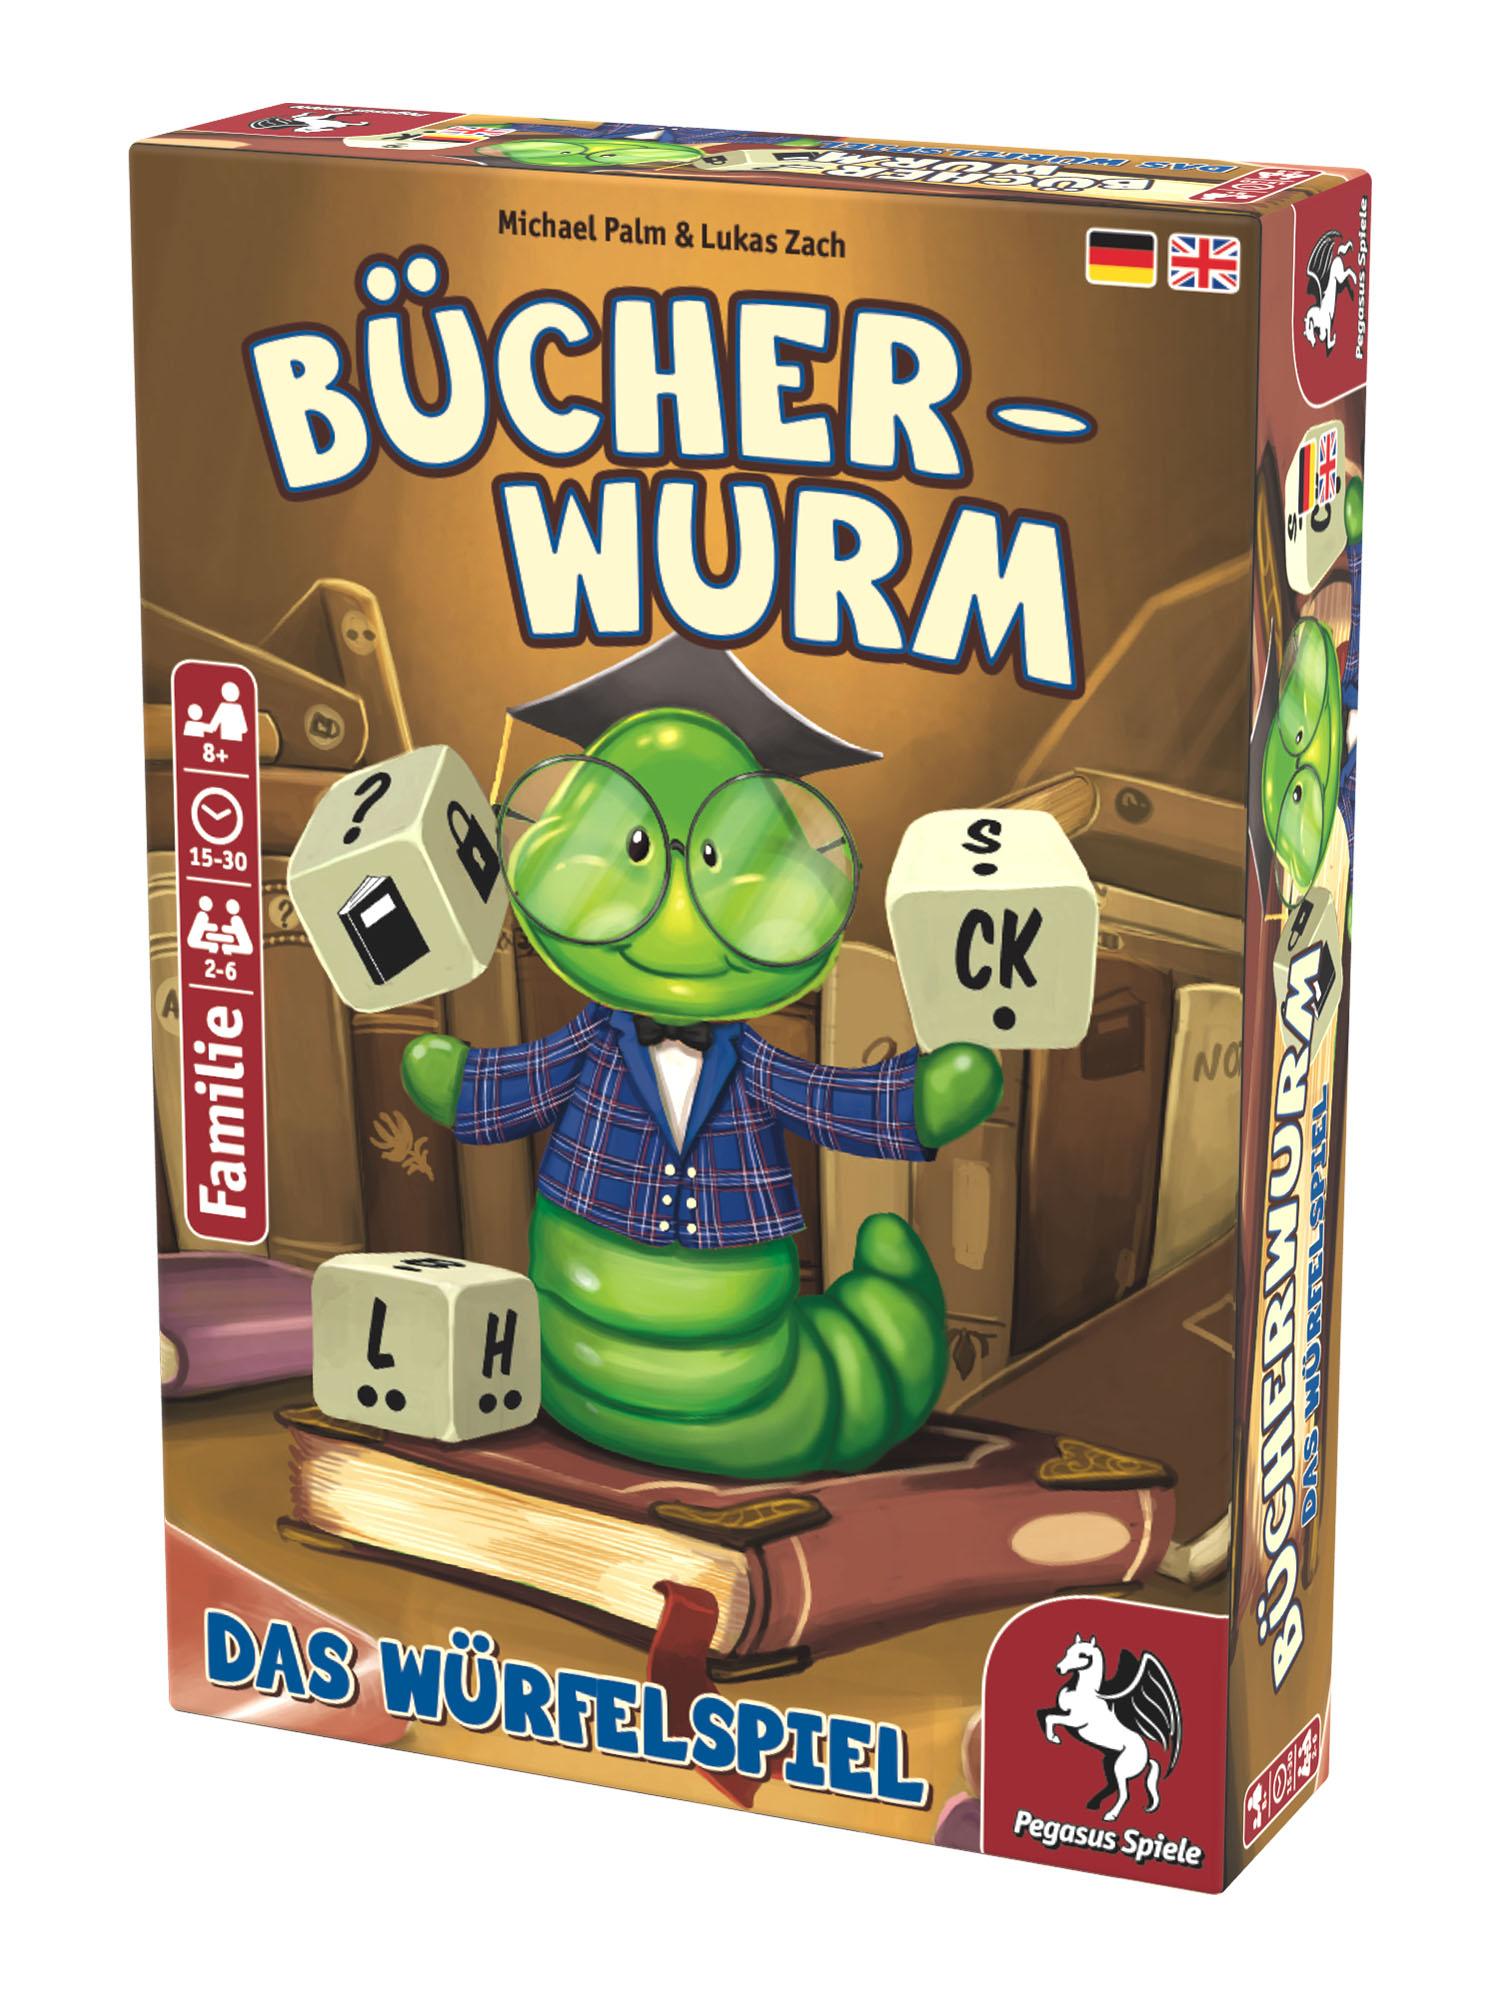 Bücherwurm - Das Würfelspiel   Bücherwurm   Themengebiete   Spiele   Pegasus.de  - Wir machen Spaß!